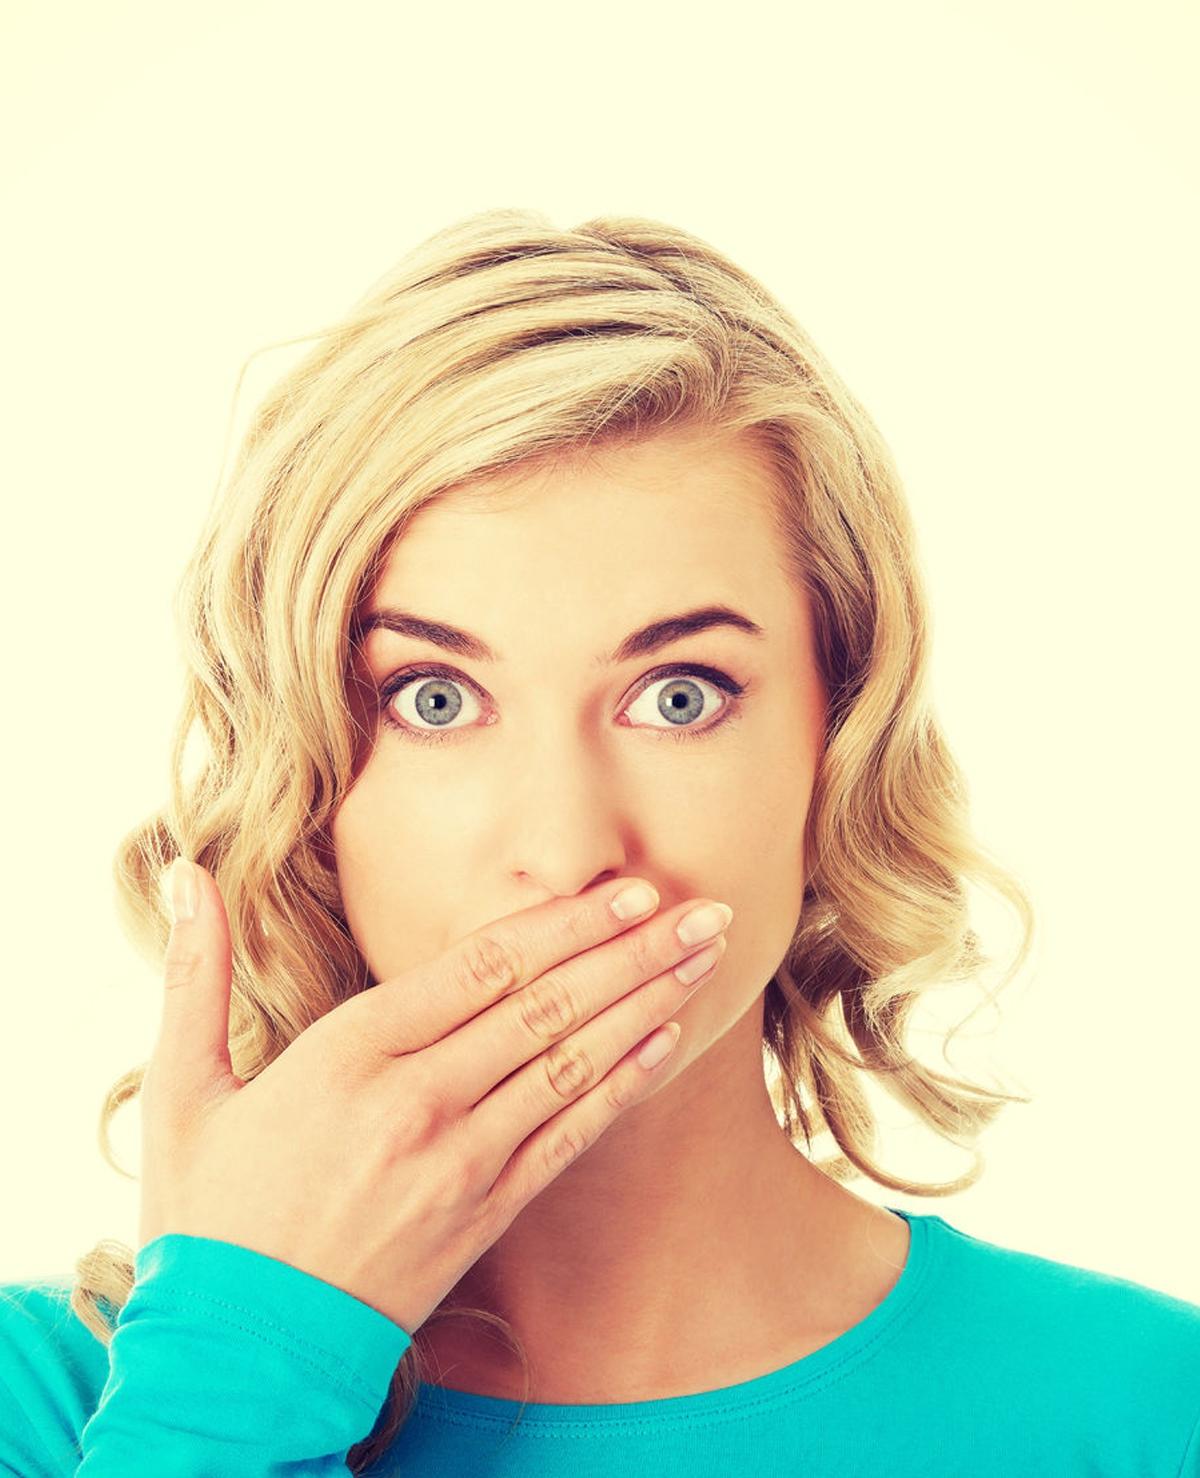 15 kleine leugens die we onszelf bijna dagelijks wijsmaken